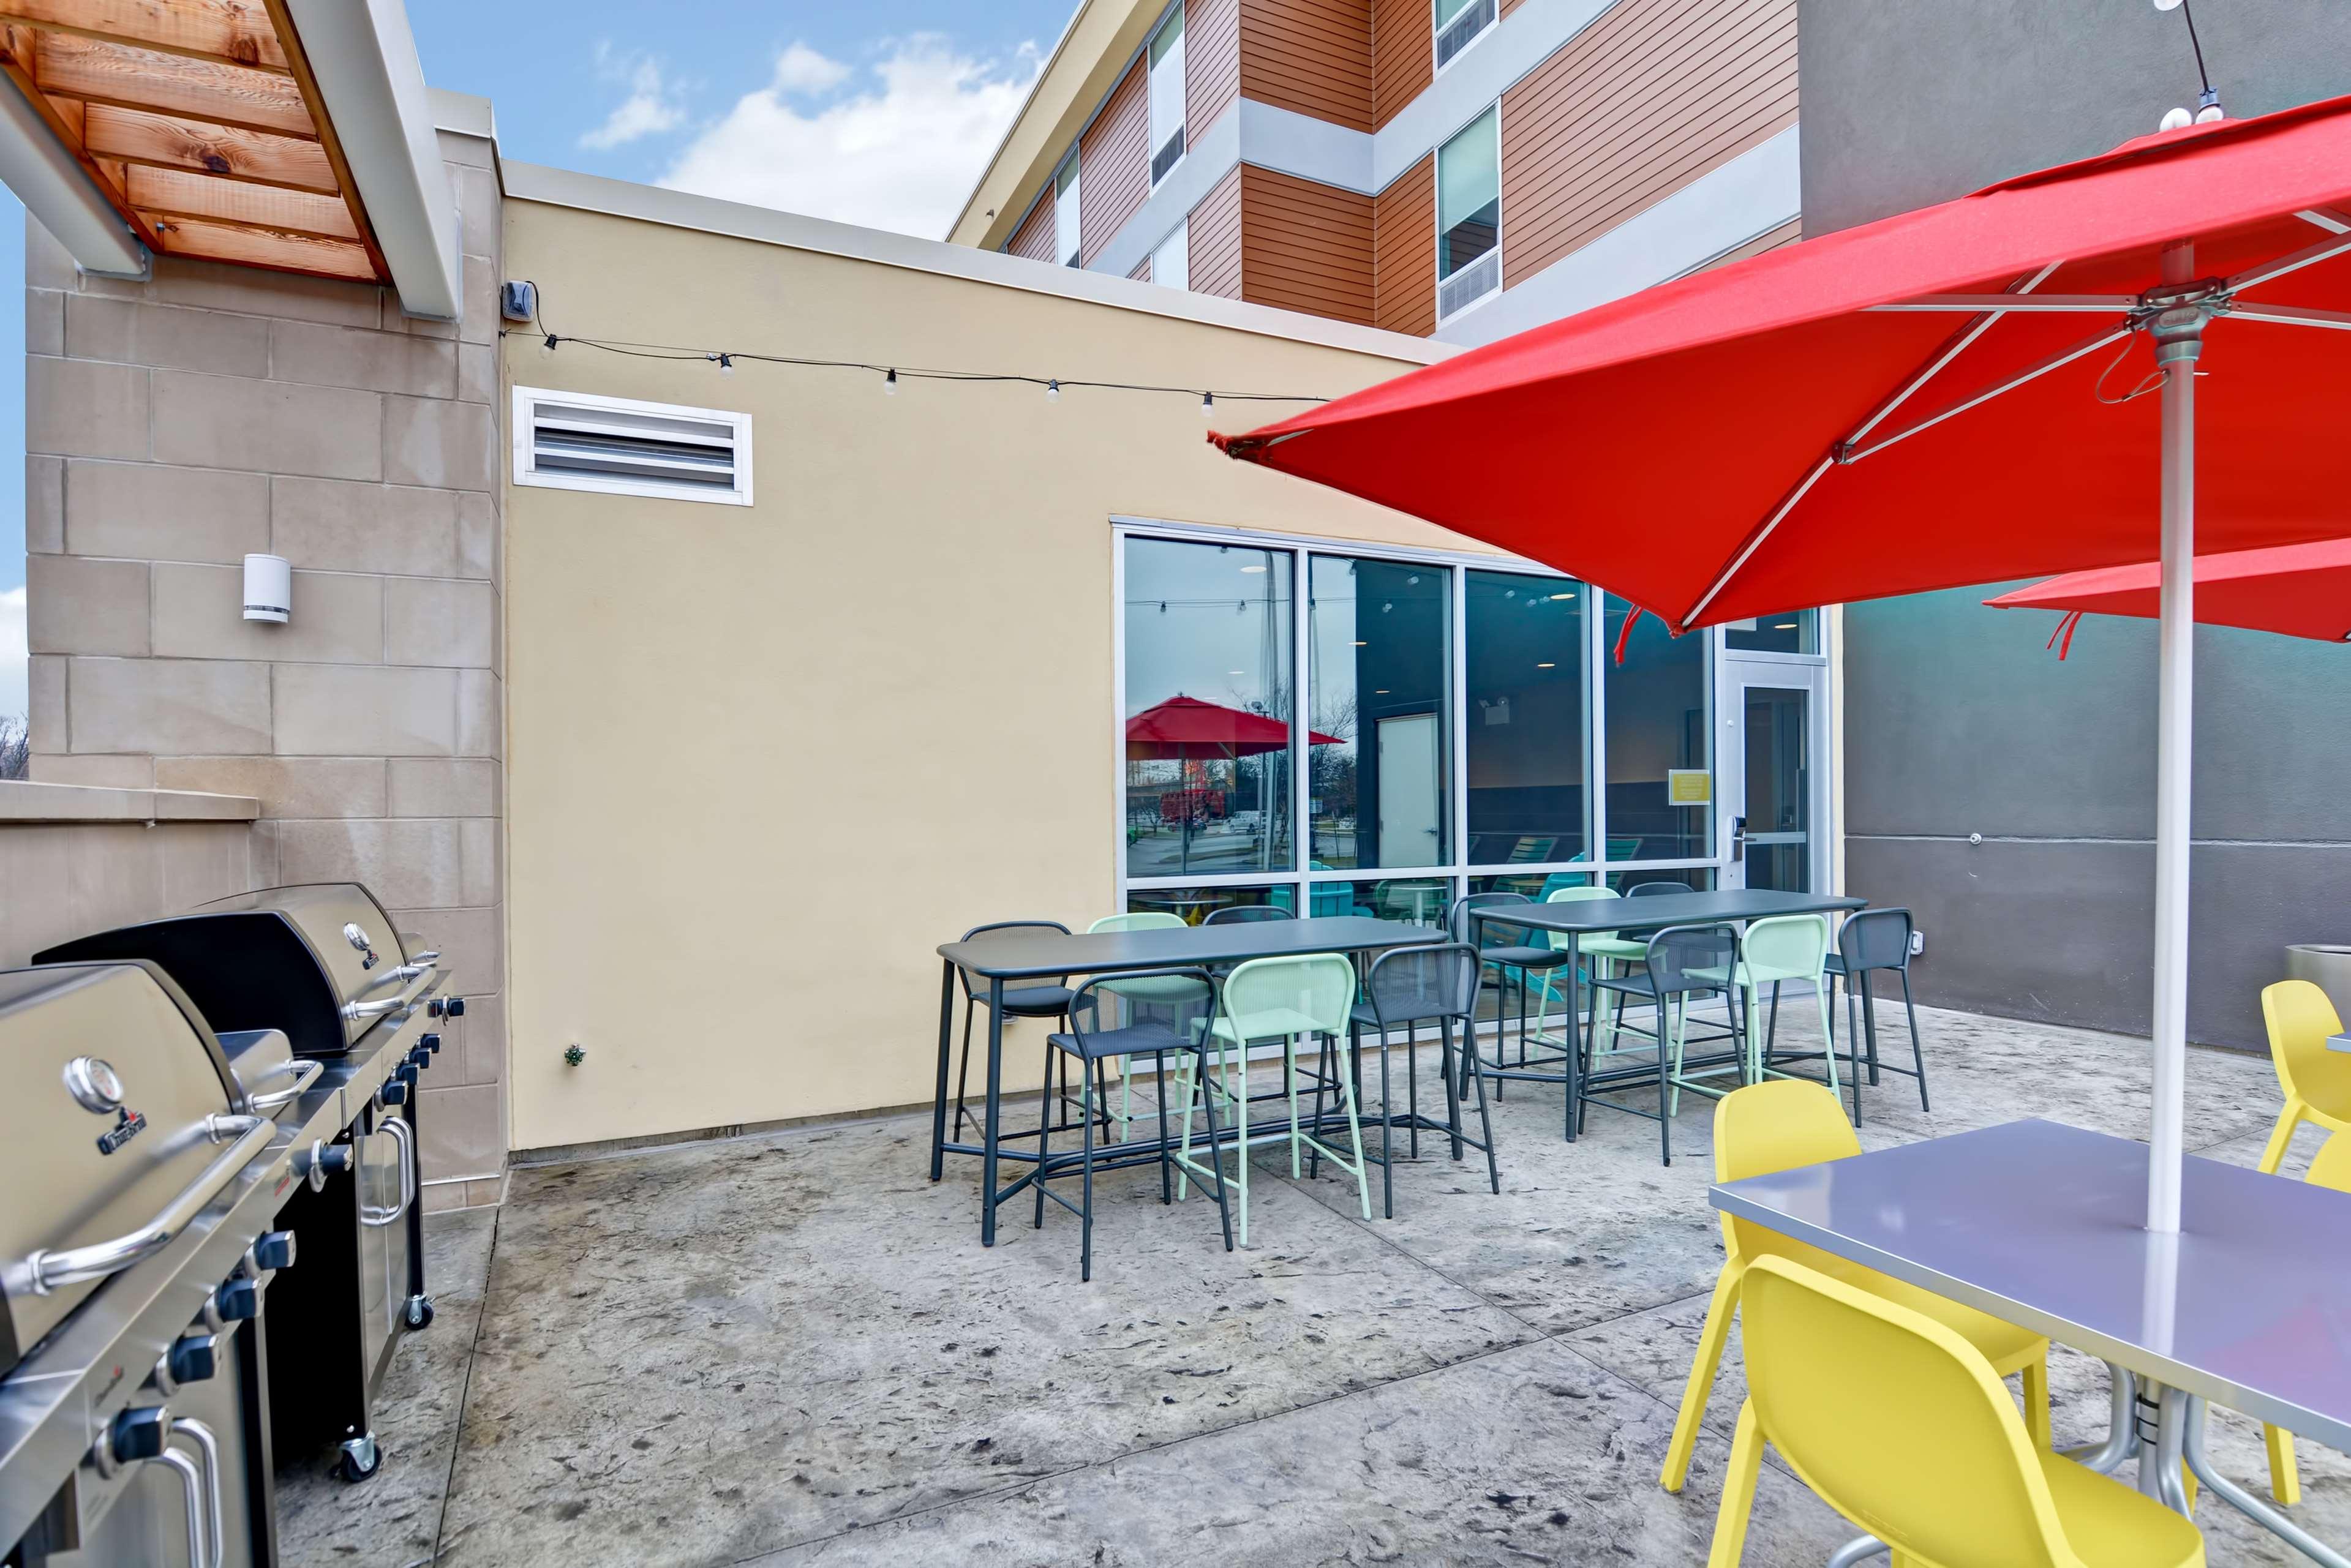 Home2 Suites by Hilton Lafayette image 3